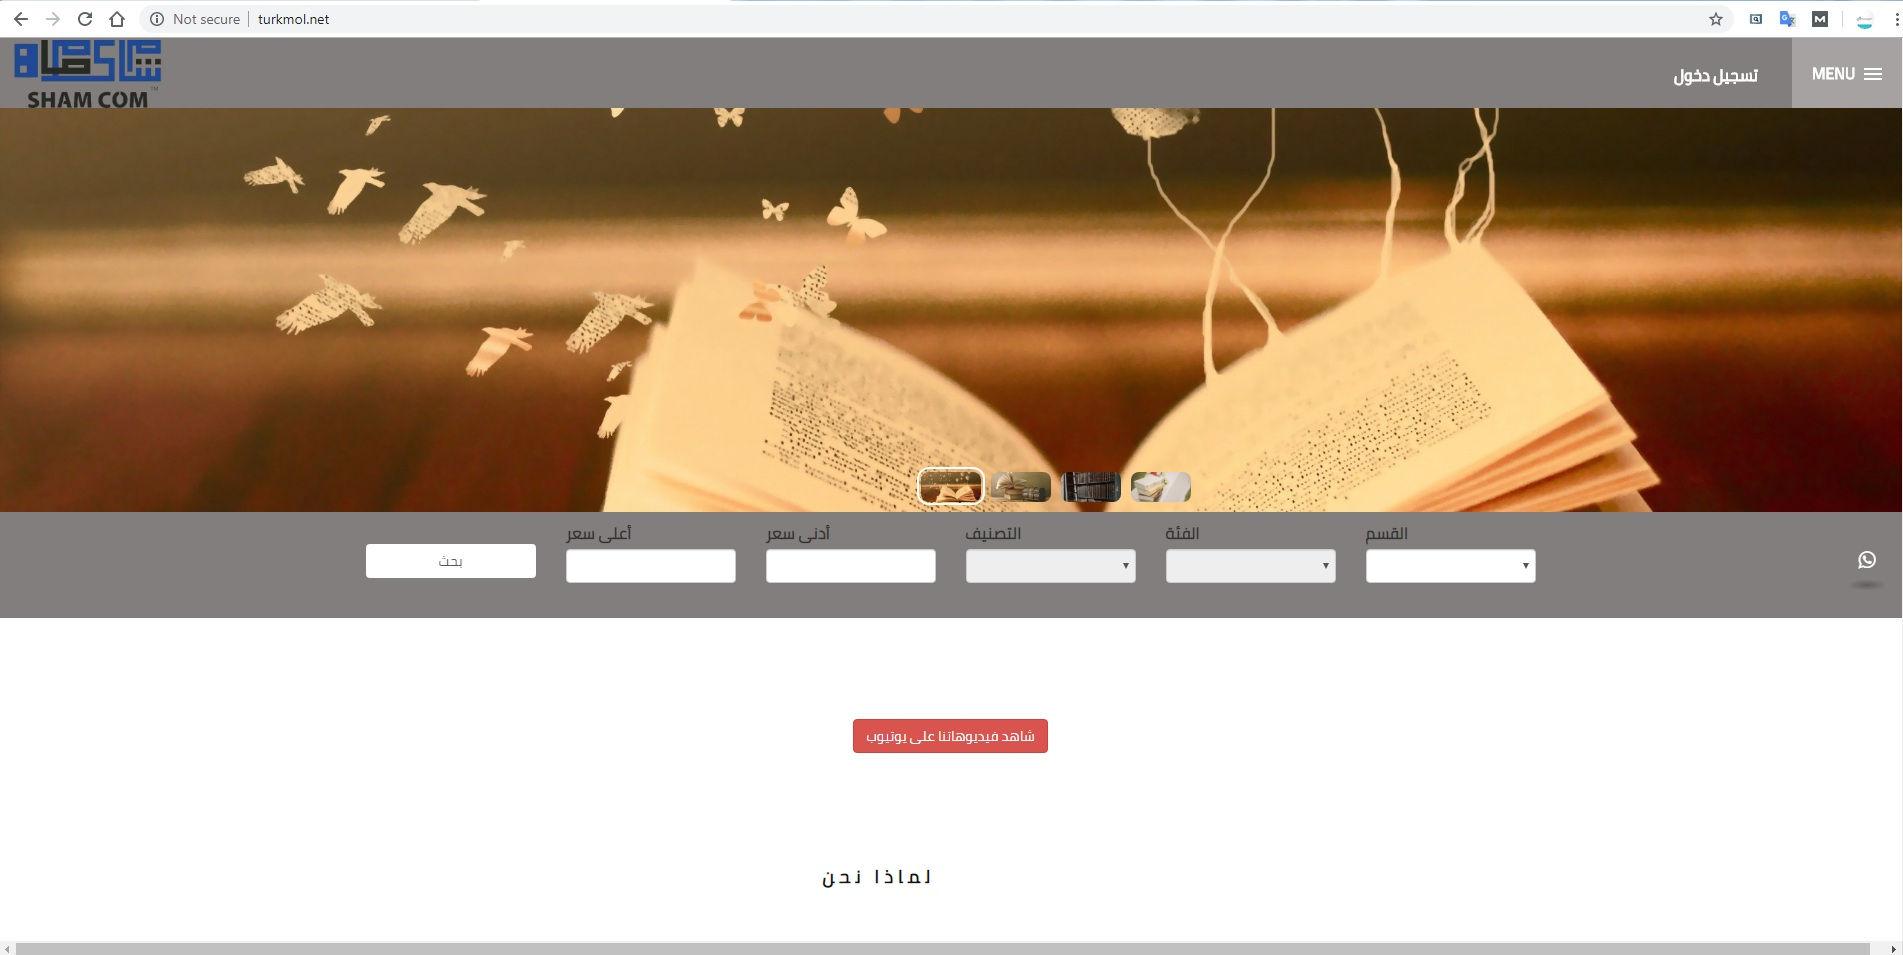 موقع شامل متغير موديل 13 كتب اشتراك برمجي